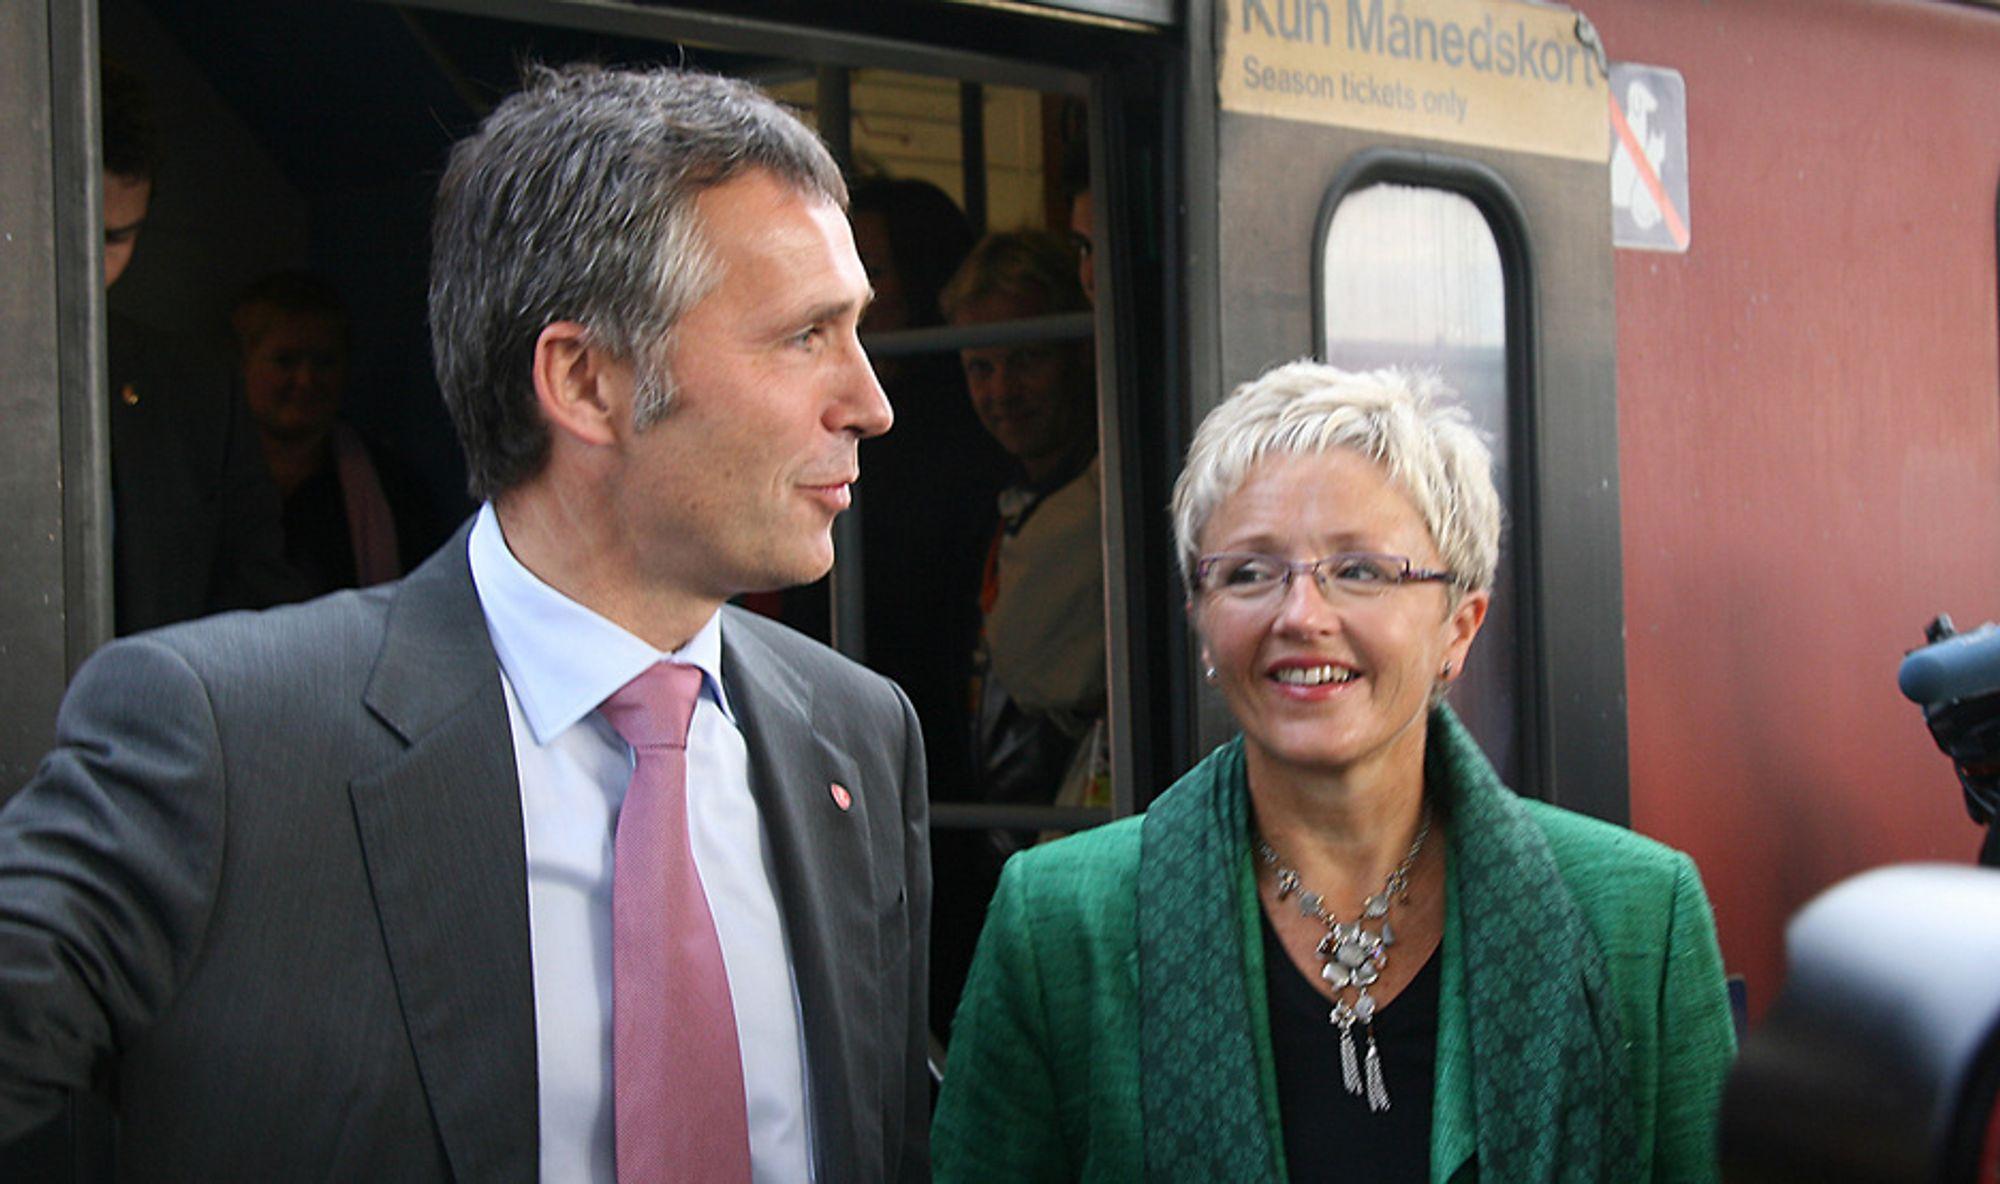 HANDLEKRAFT: Både statsminister Jens Stoltenberg og samferdselsminister Liv Signe Navarsete la vekt på det de mente var handlekraft i samferdselspolitikken. Tallene støtter dem, og begge to var synlig stolte over budsjettforslaget.